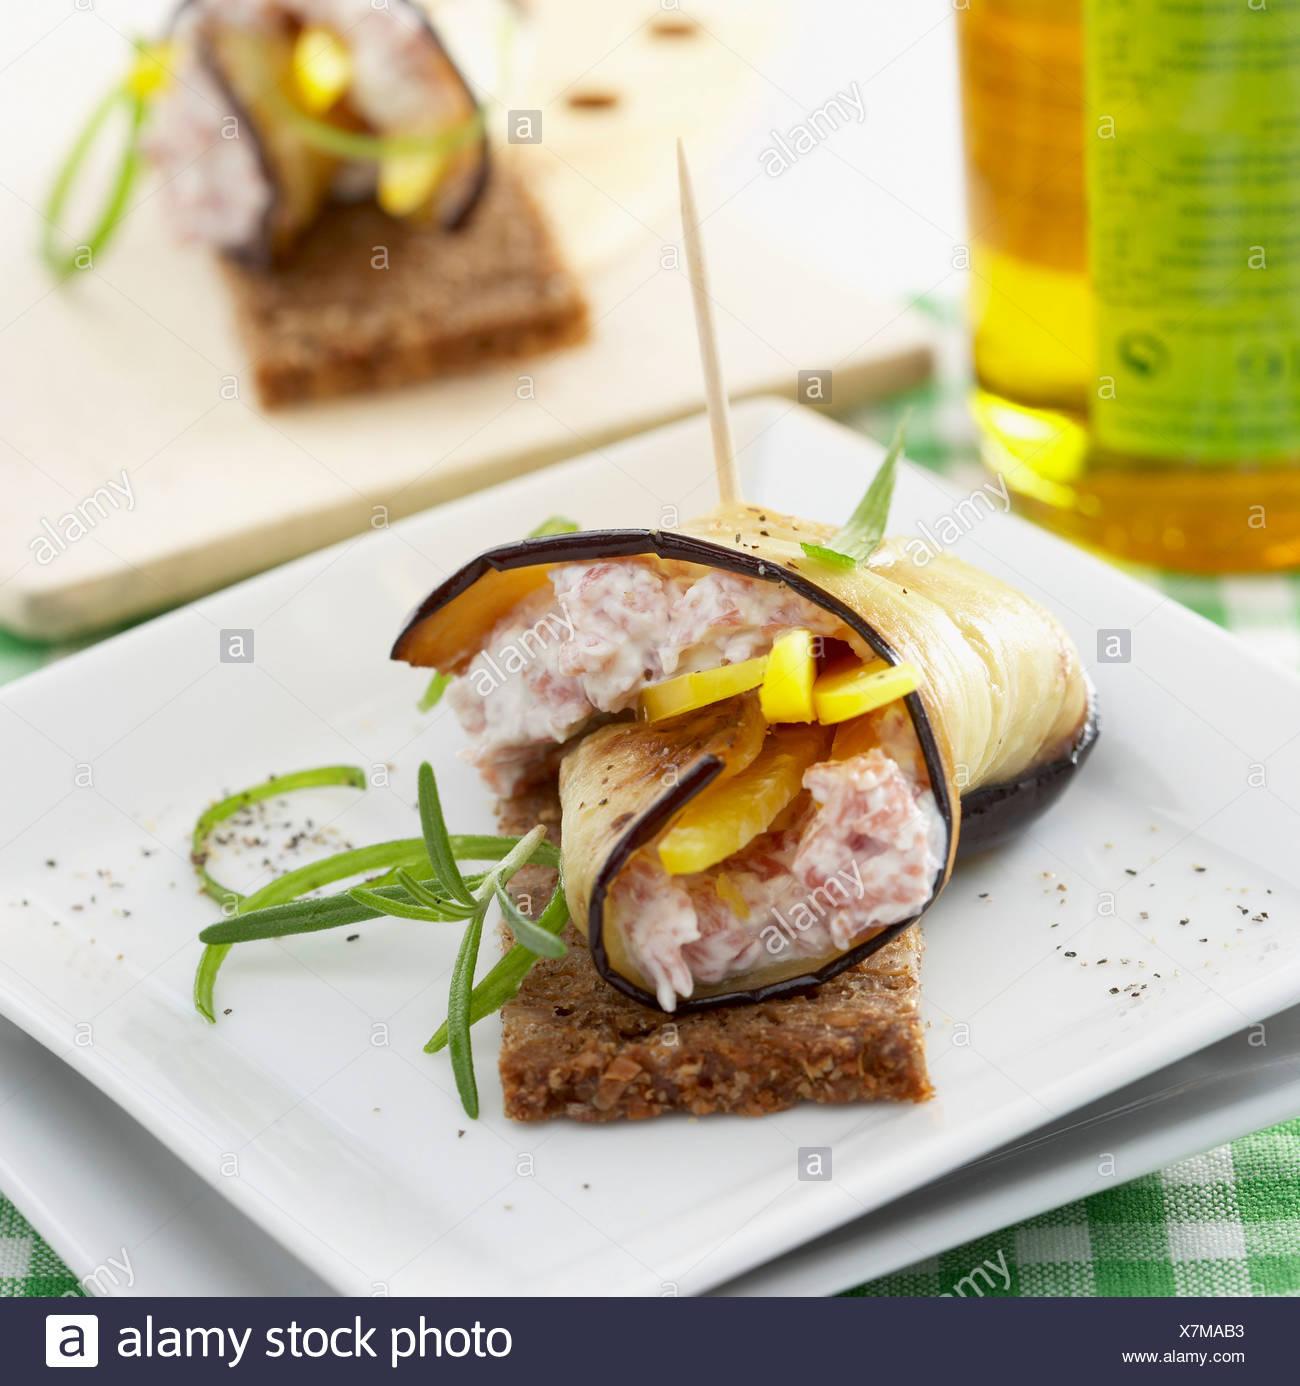 Aubergine appetiser - Stock Image